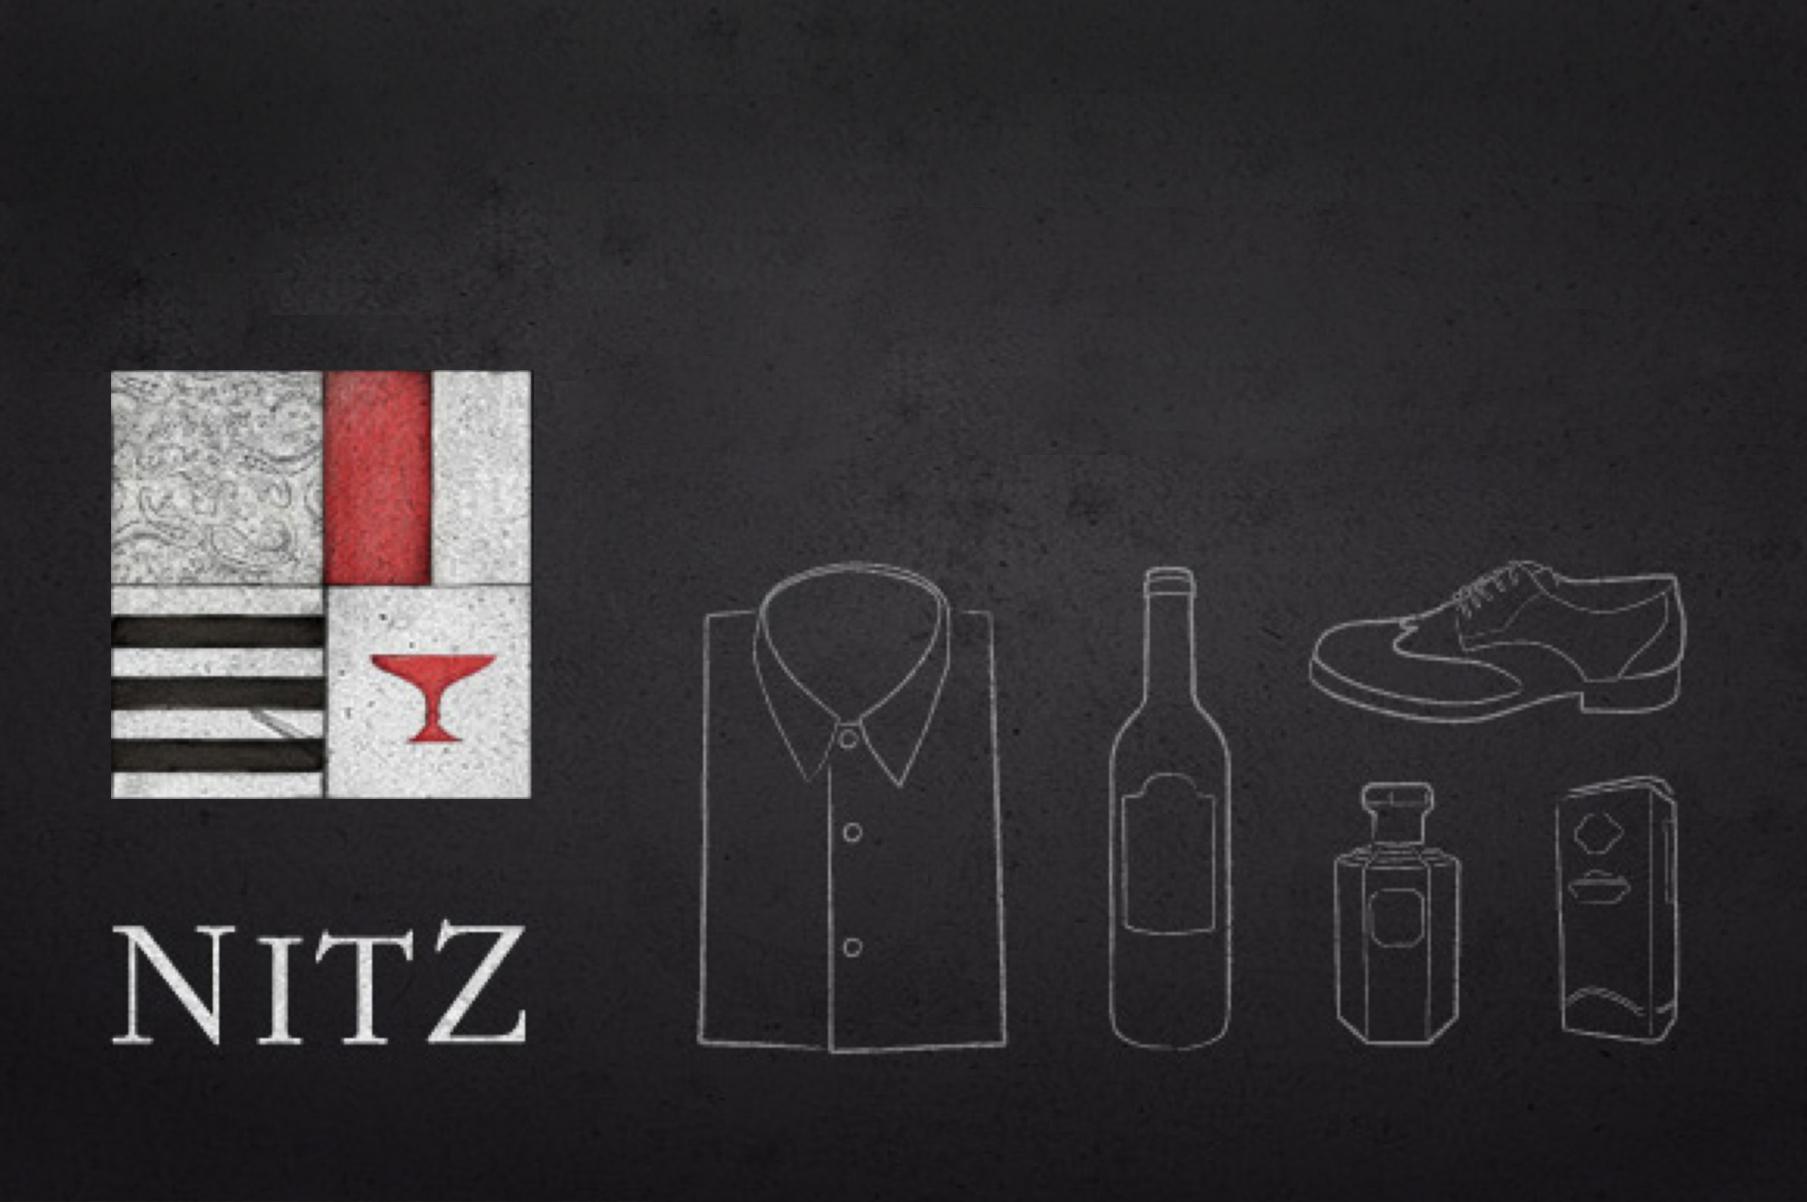 NITZ - Place du Petit Sblon 21000 Brussels, BelgiumT. +32 (0)2 512 14 12